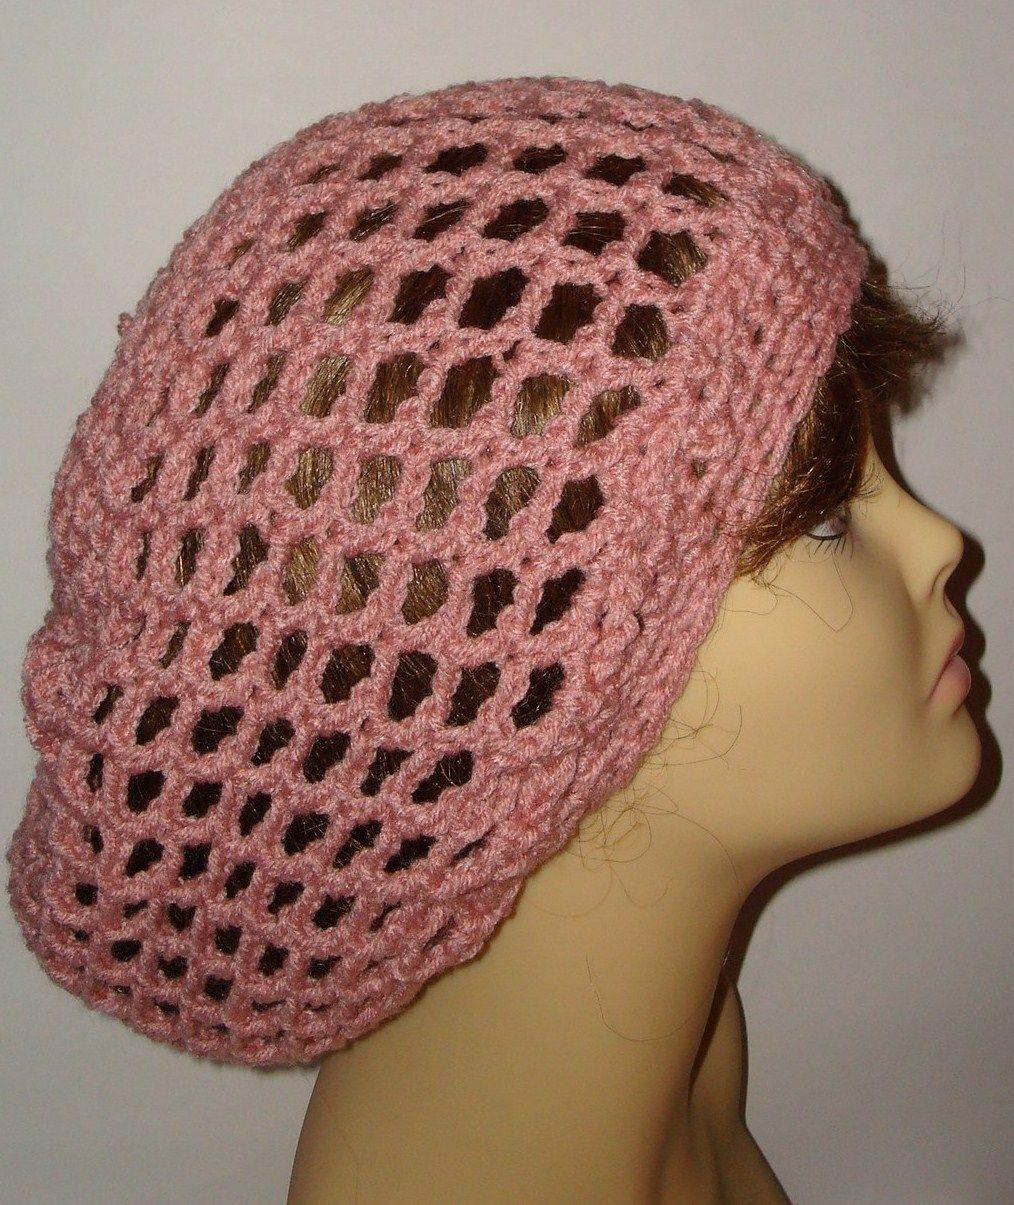 crochet tam hat patterns free | Crochet Slouchy Open Weave Rasta Tam ...